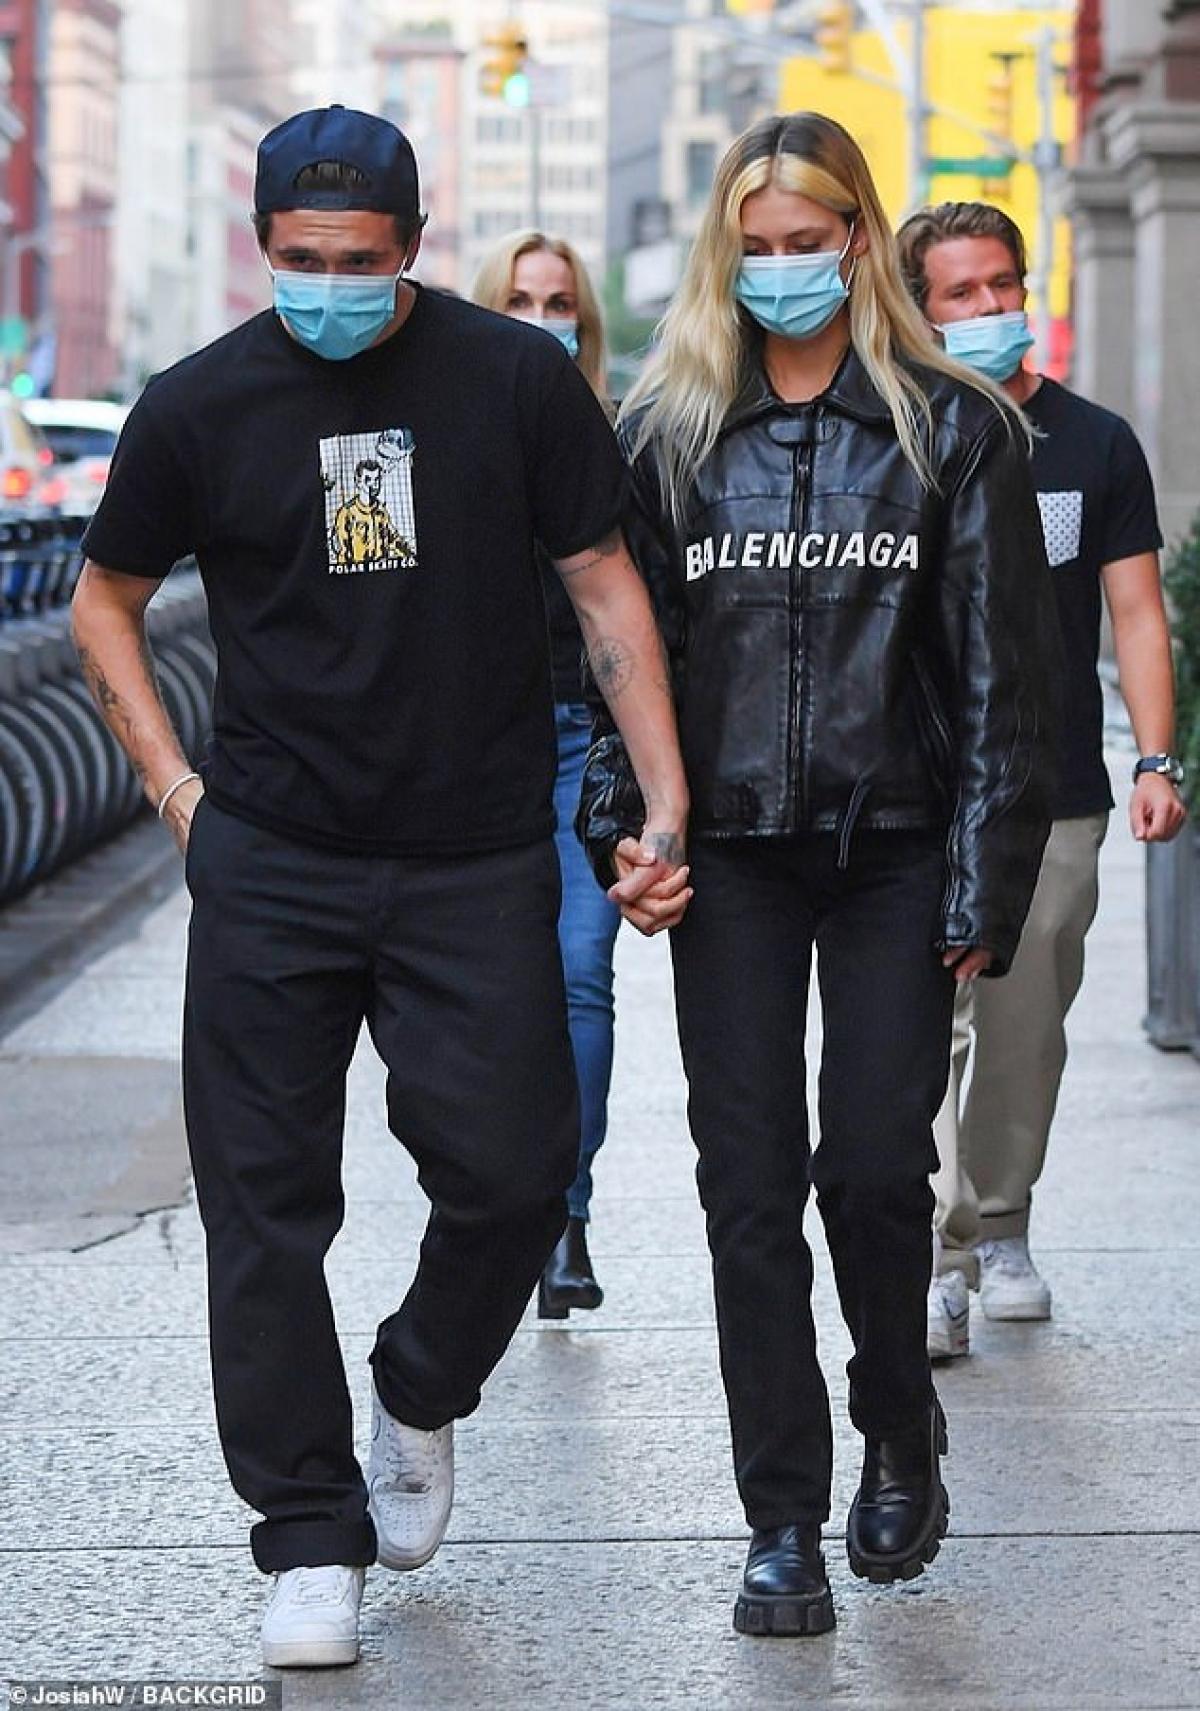 Brooklyn Beckham và hôn thê Nicola Peltz bị cánh săn ảnh bắt gặp khi đang đi dạo phố ở New York ngày 23/9 vừa qua.